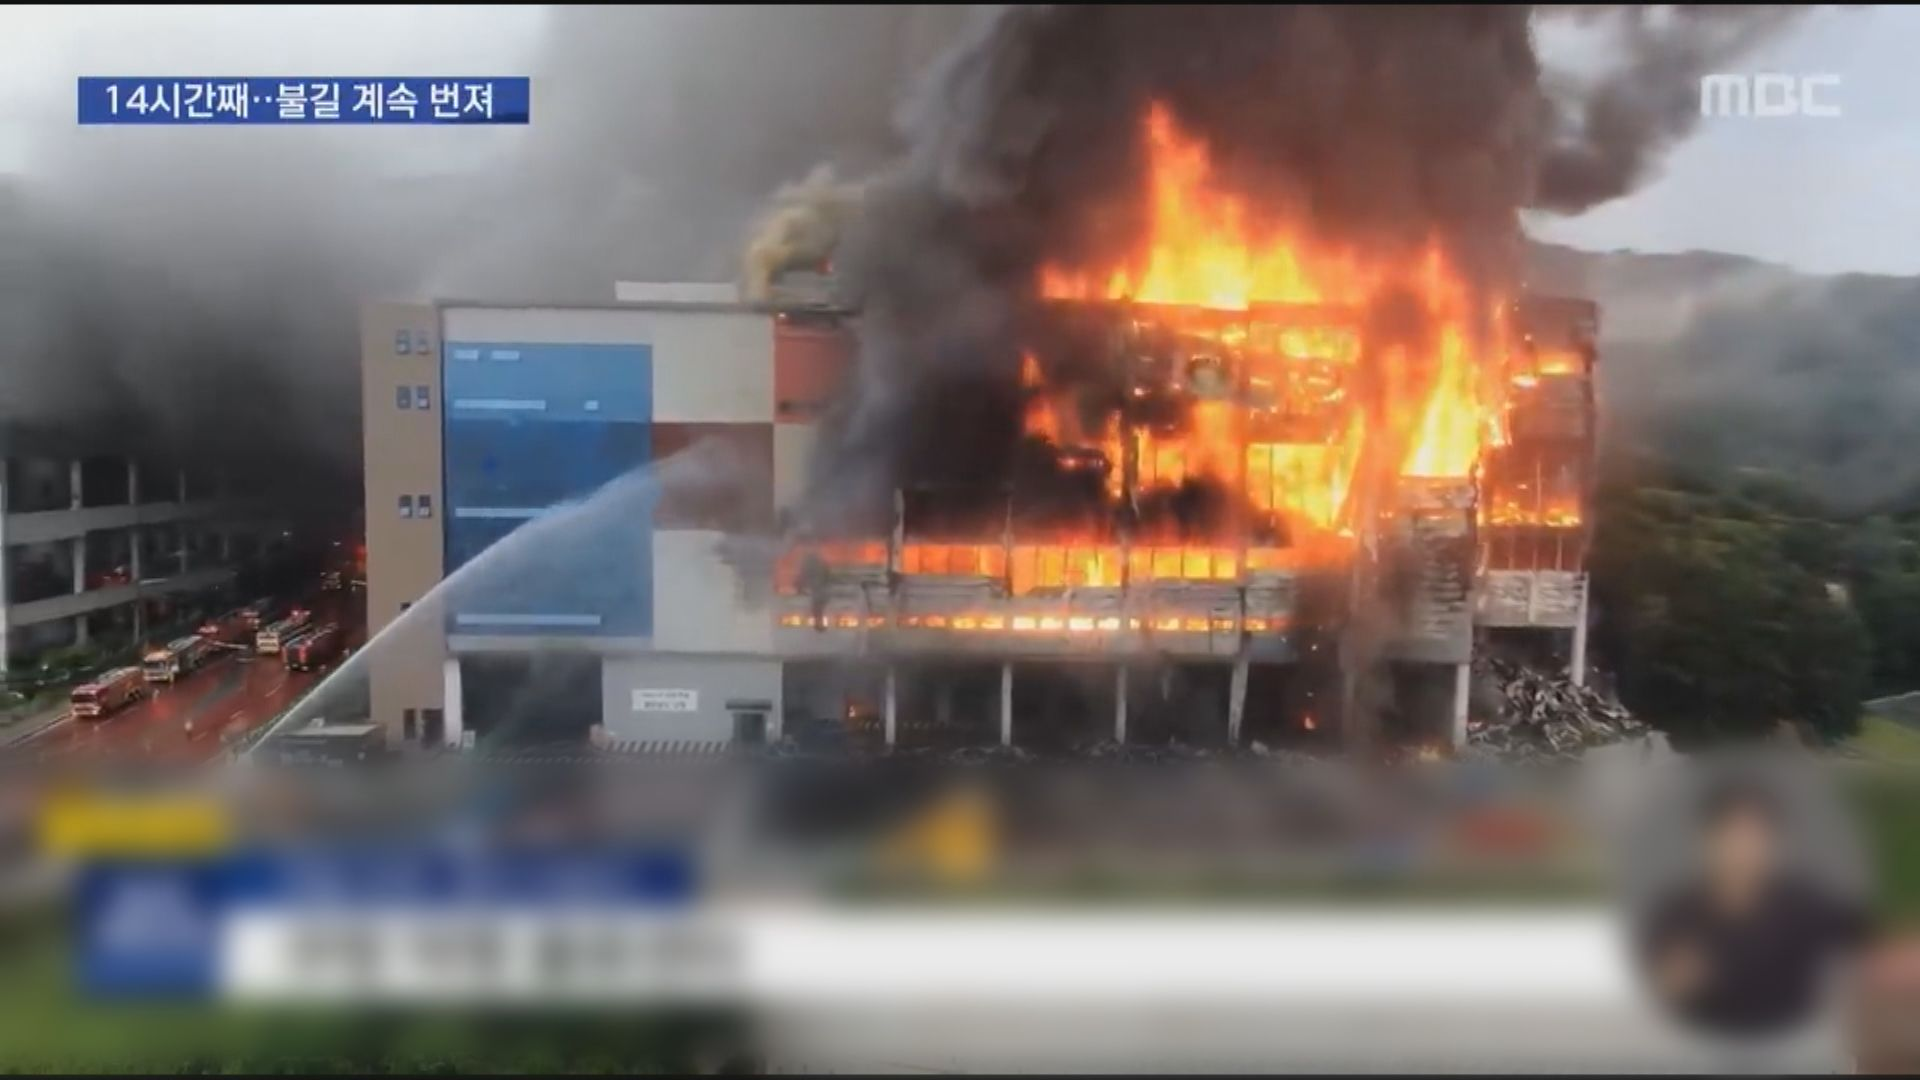 南韓物流中心大火 一名消防員失蹤